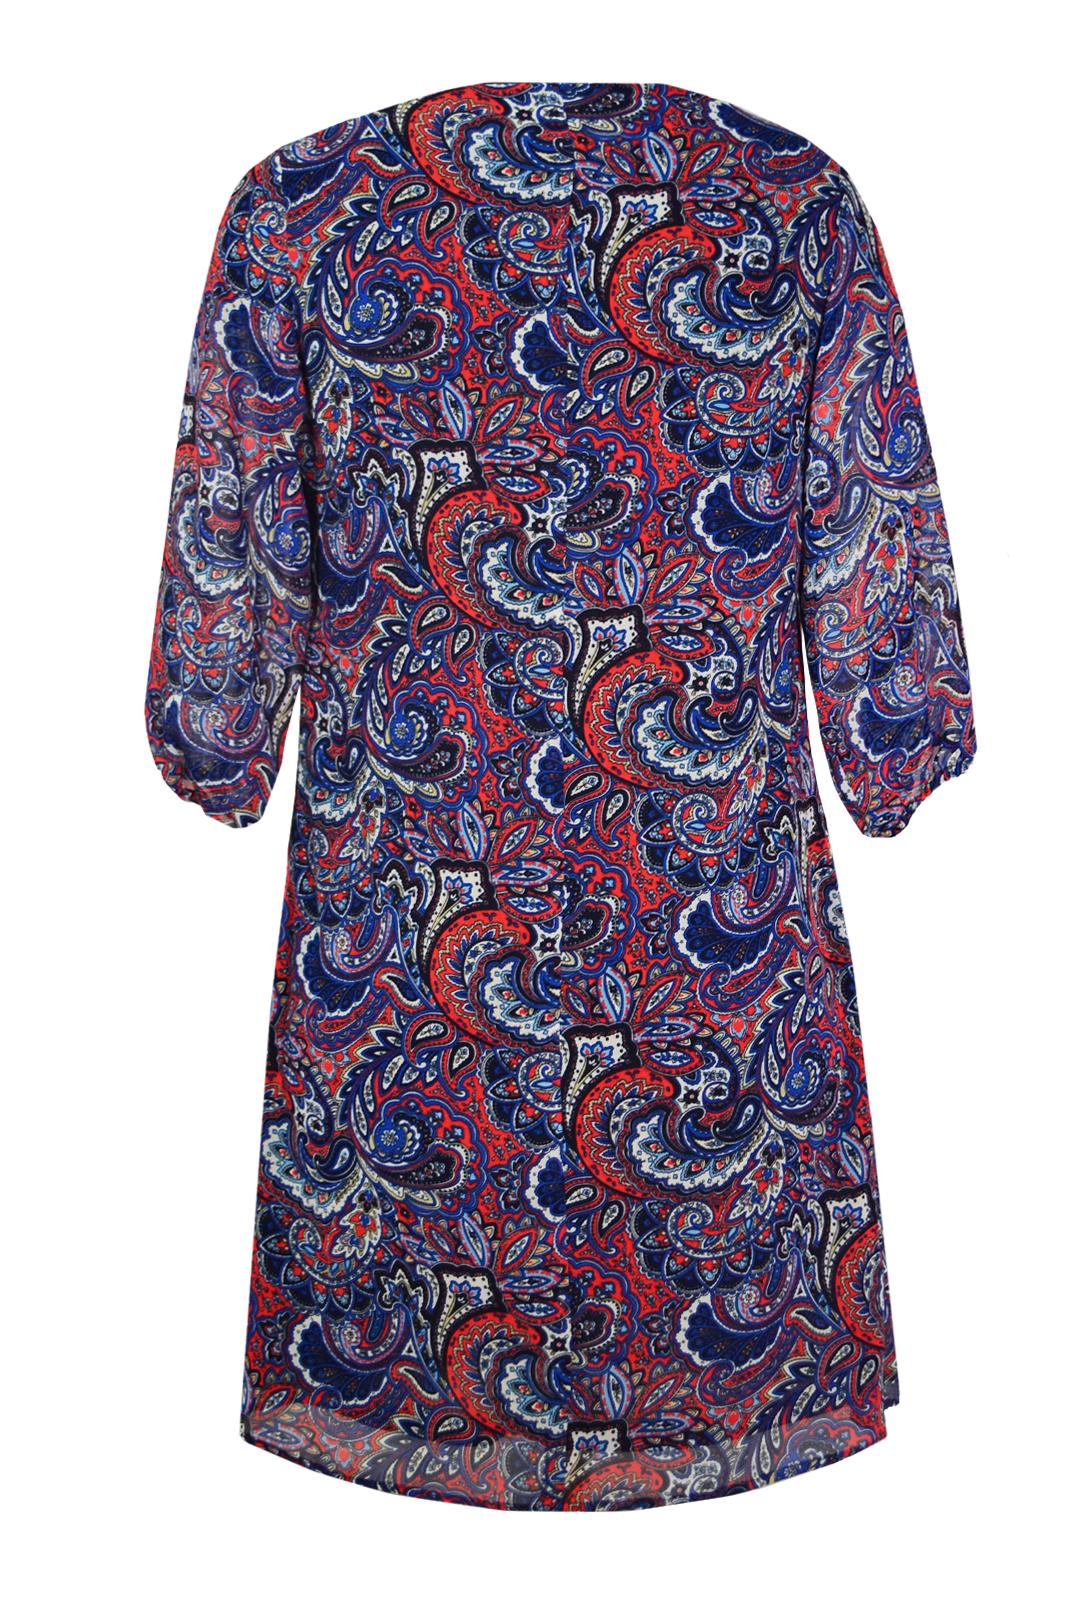 Купить трикотажное платье в интернет магазине